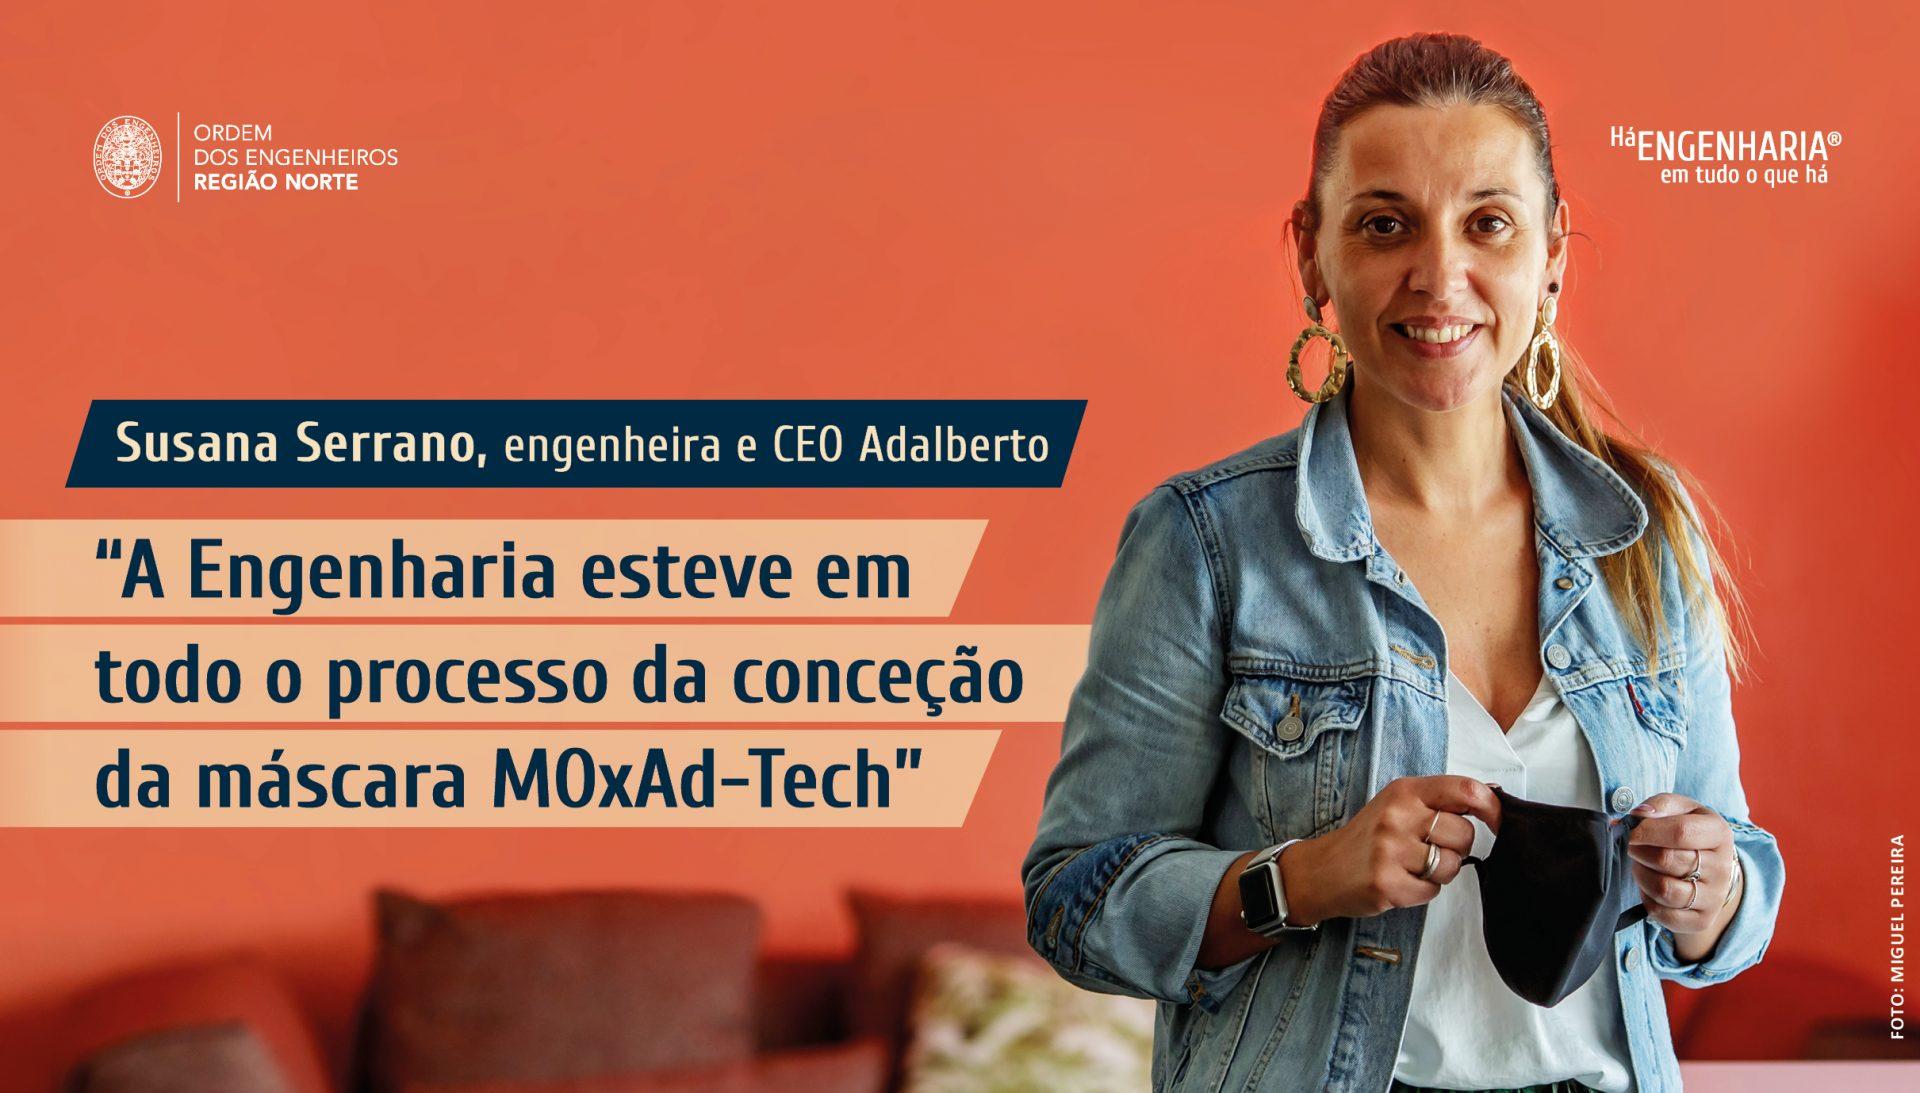 Plataforma Notícias Ordem Engenheiros Região Norte - Grandes Entrevistas de Engenharia com…. Susana Serrano